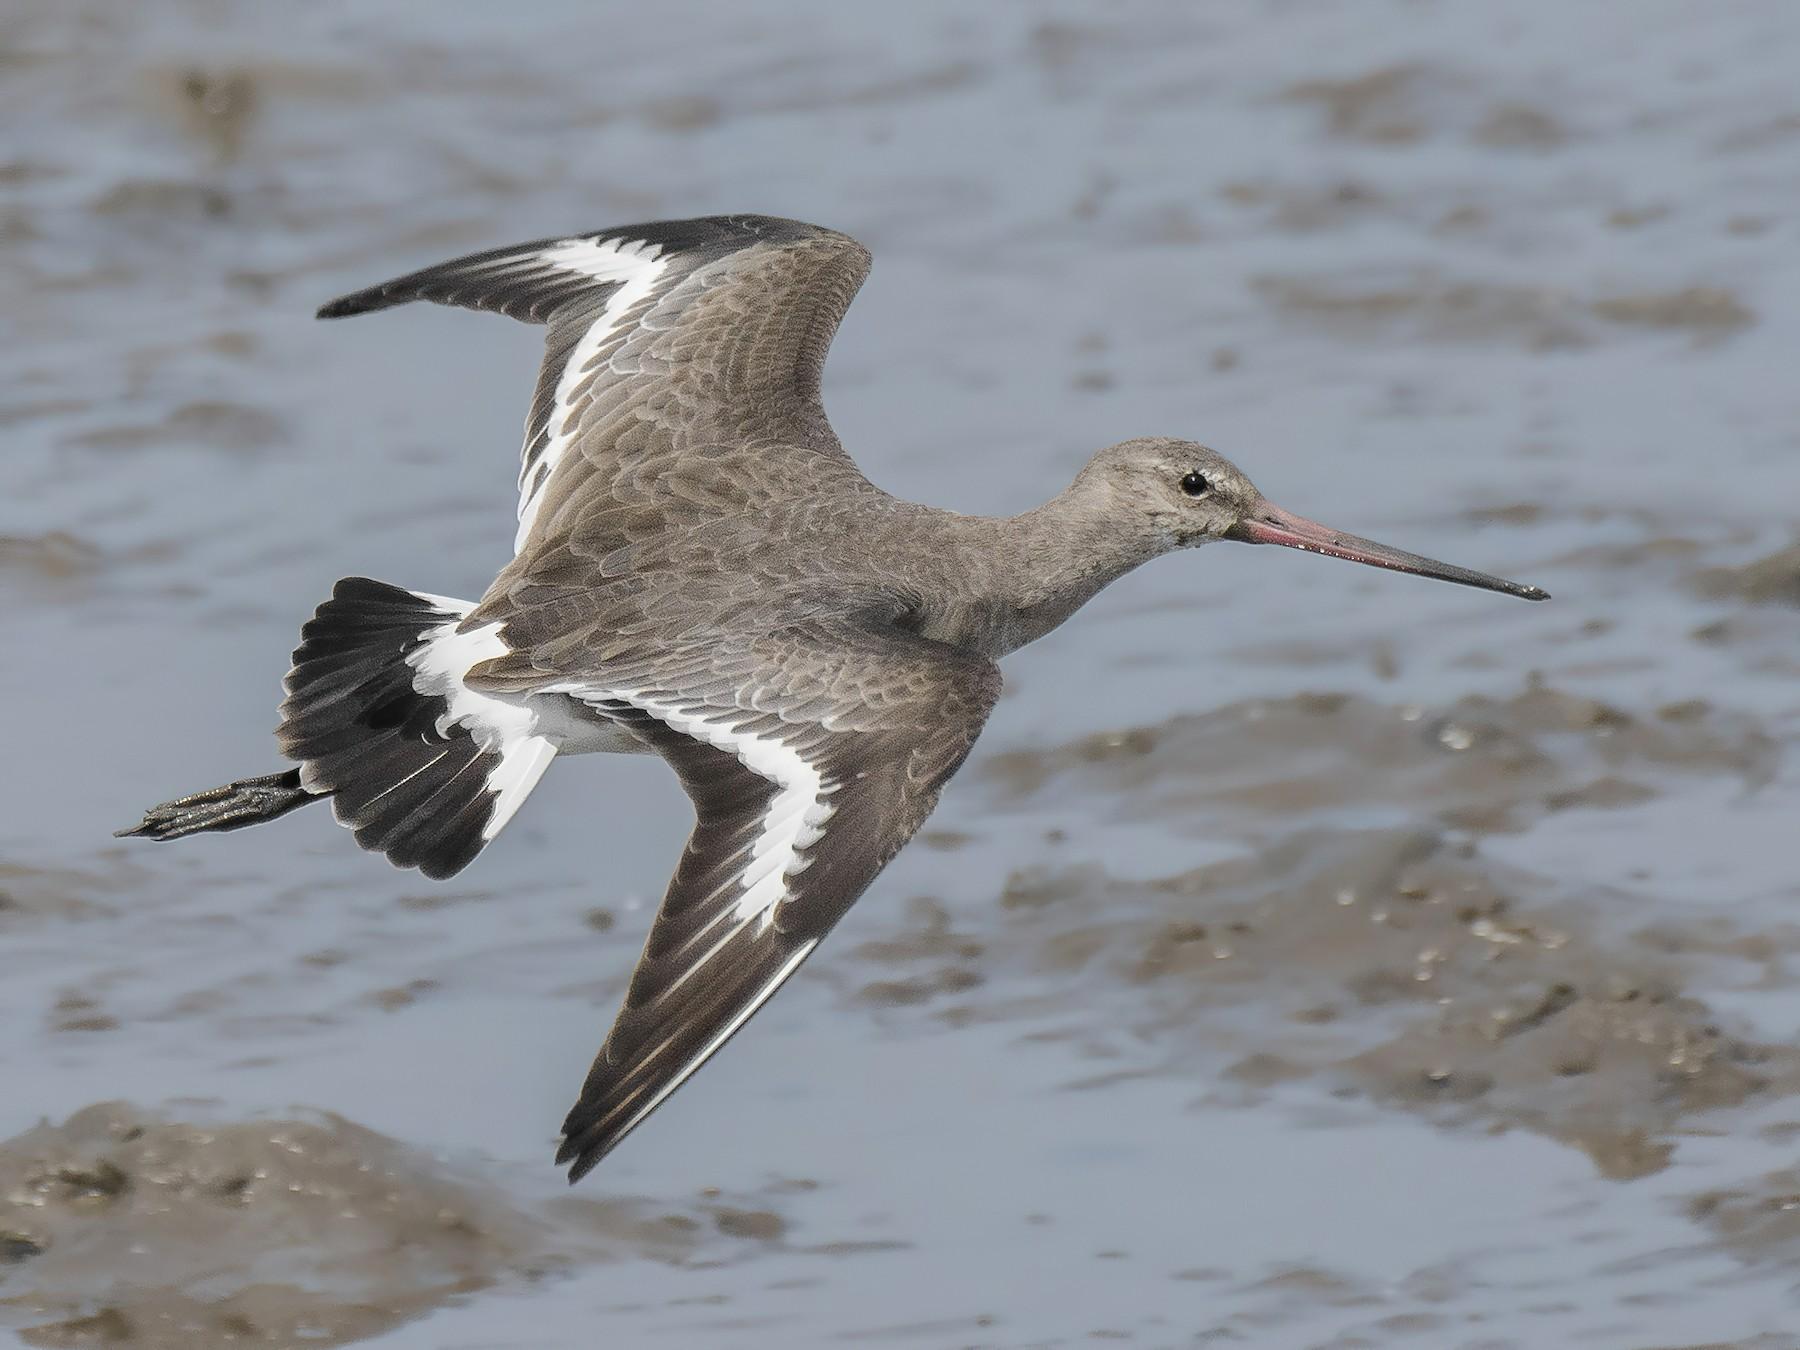 Black-tailed Godwit - Natthaphat Chotjuckdikul